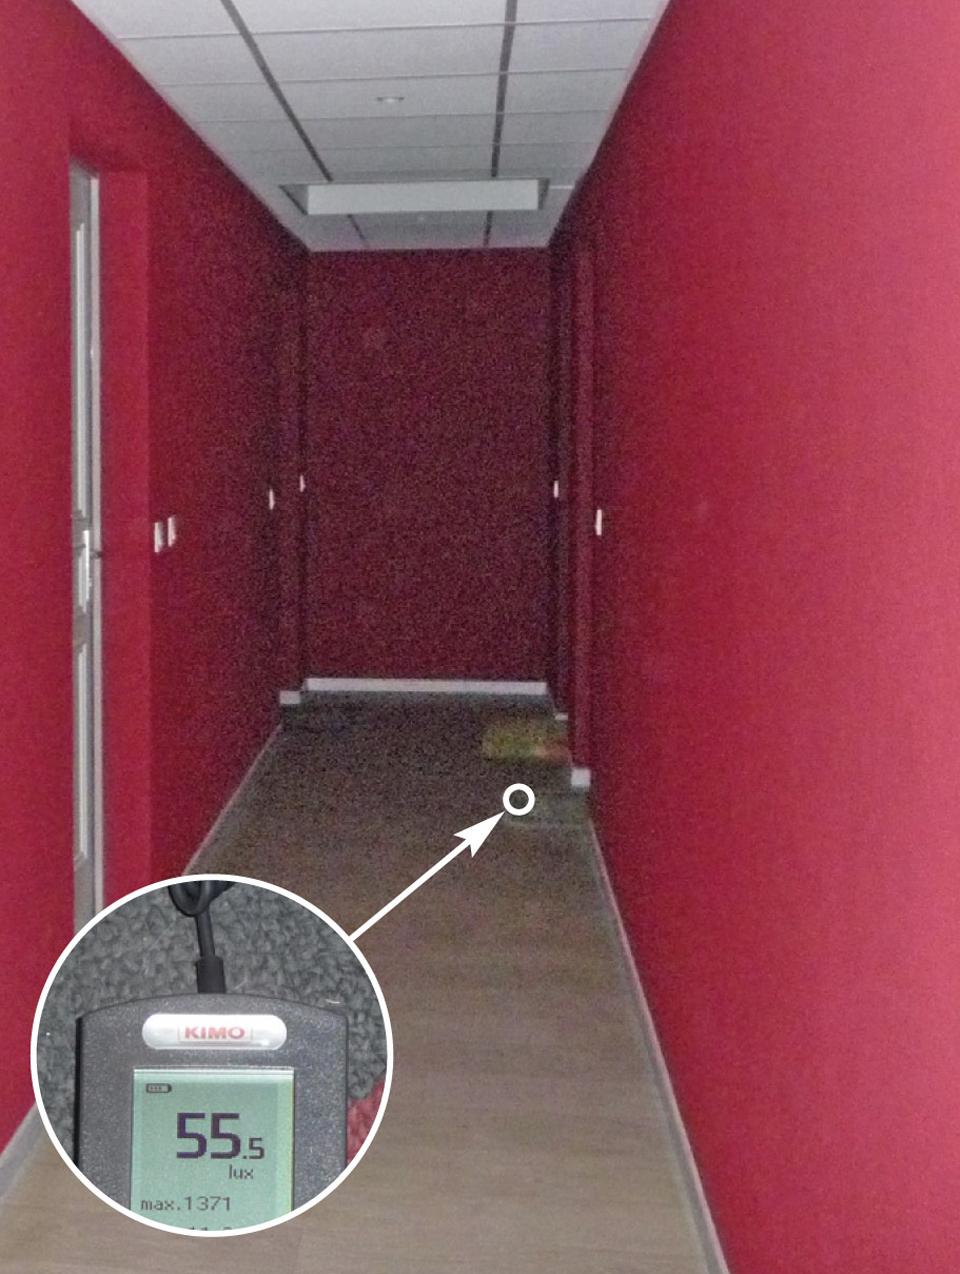 Couloir intérieur d'un bâtiment avec éclairage insuffisant à l'horizontale (55,5 au lieu de 100 lux) au niveau du paillasson d'une porte palière.